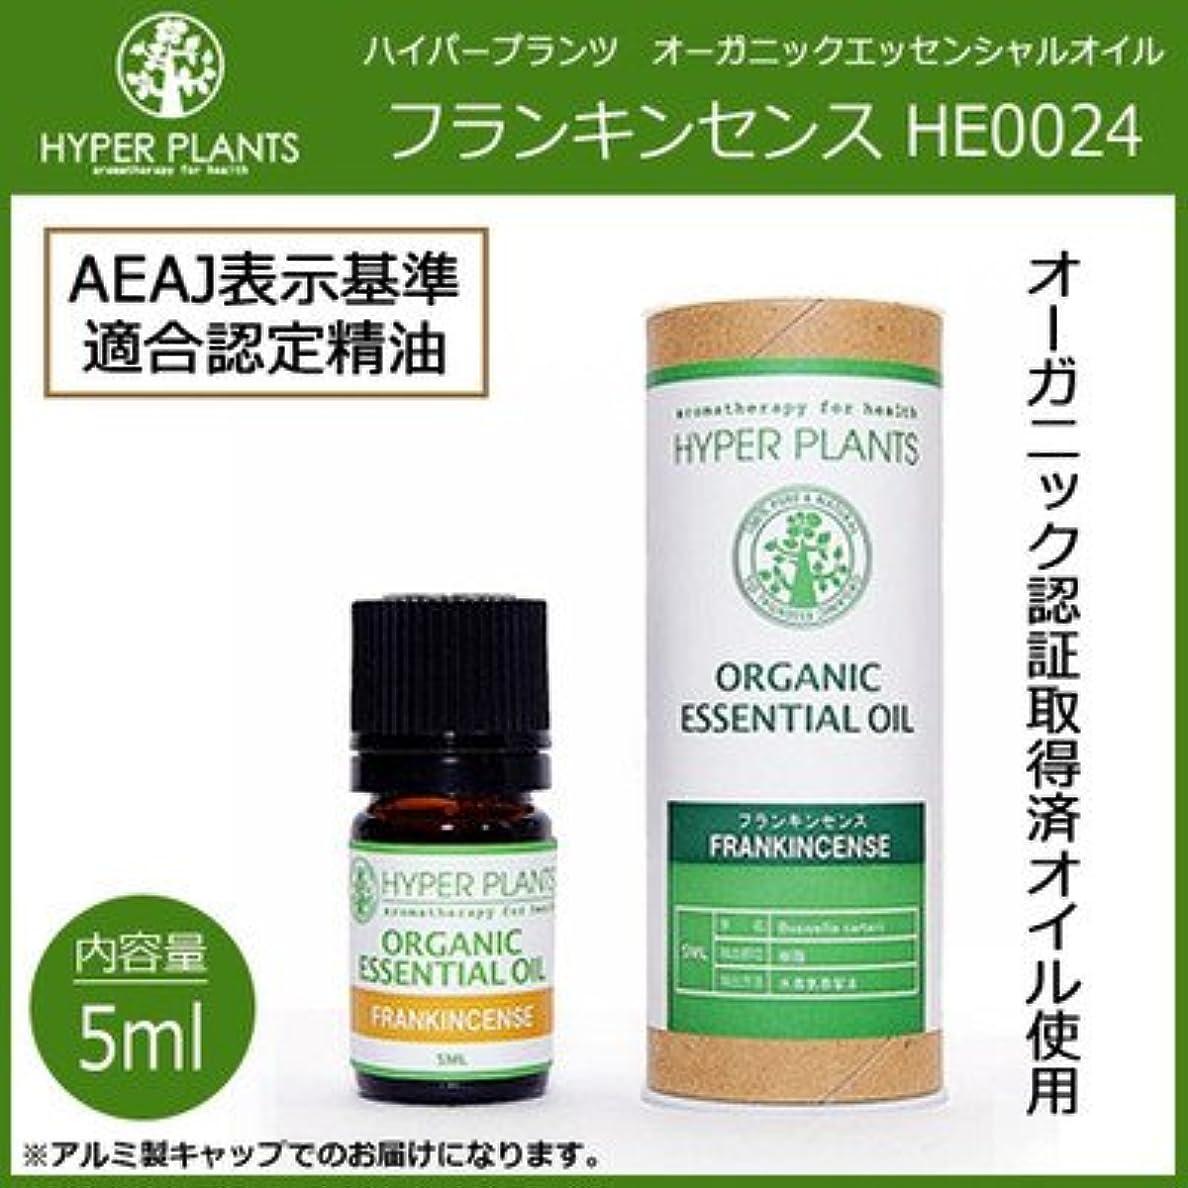 ゴールド小康五月毎日の生活にアロマの香りを HYPER PLANTS ハイパープランツ オーガニックエッセンシャルオイル フランキンセンス 5ml HE0024